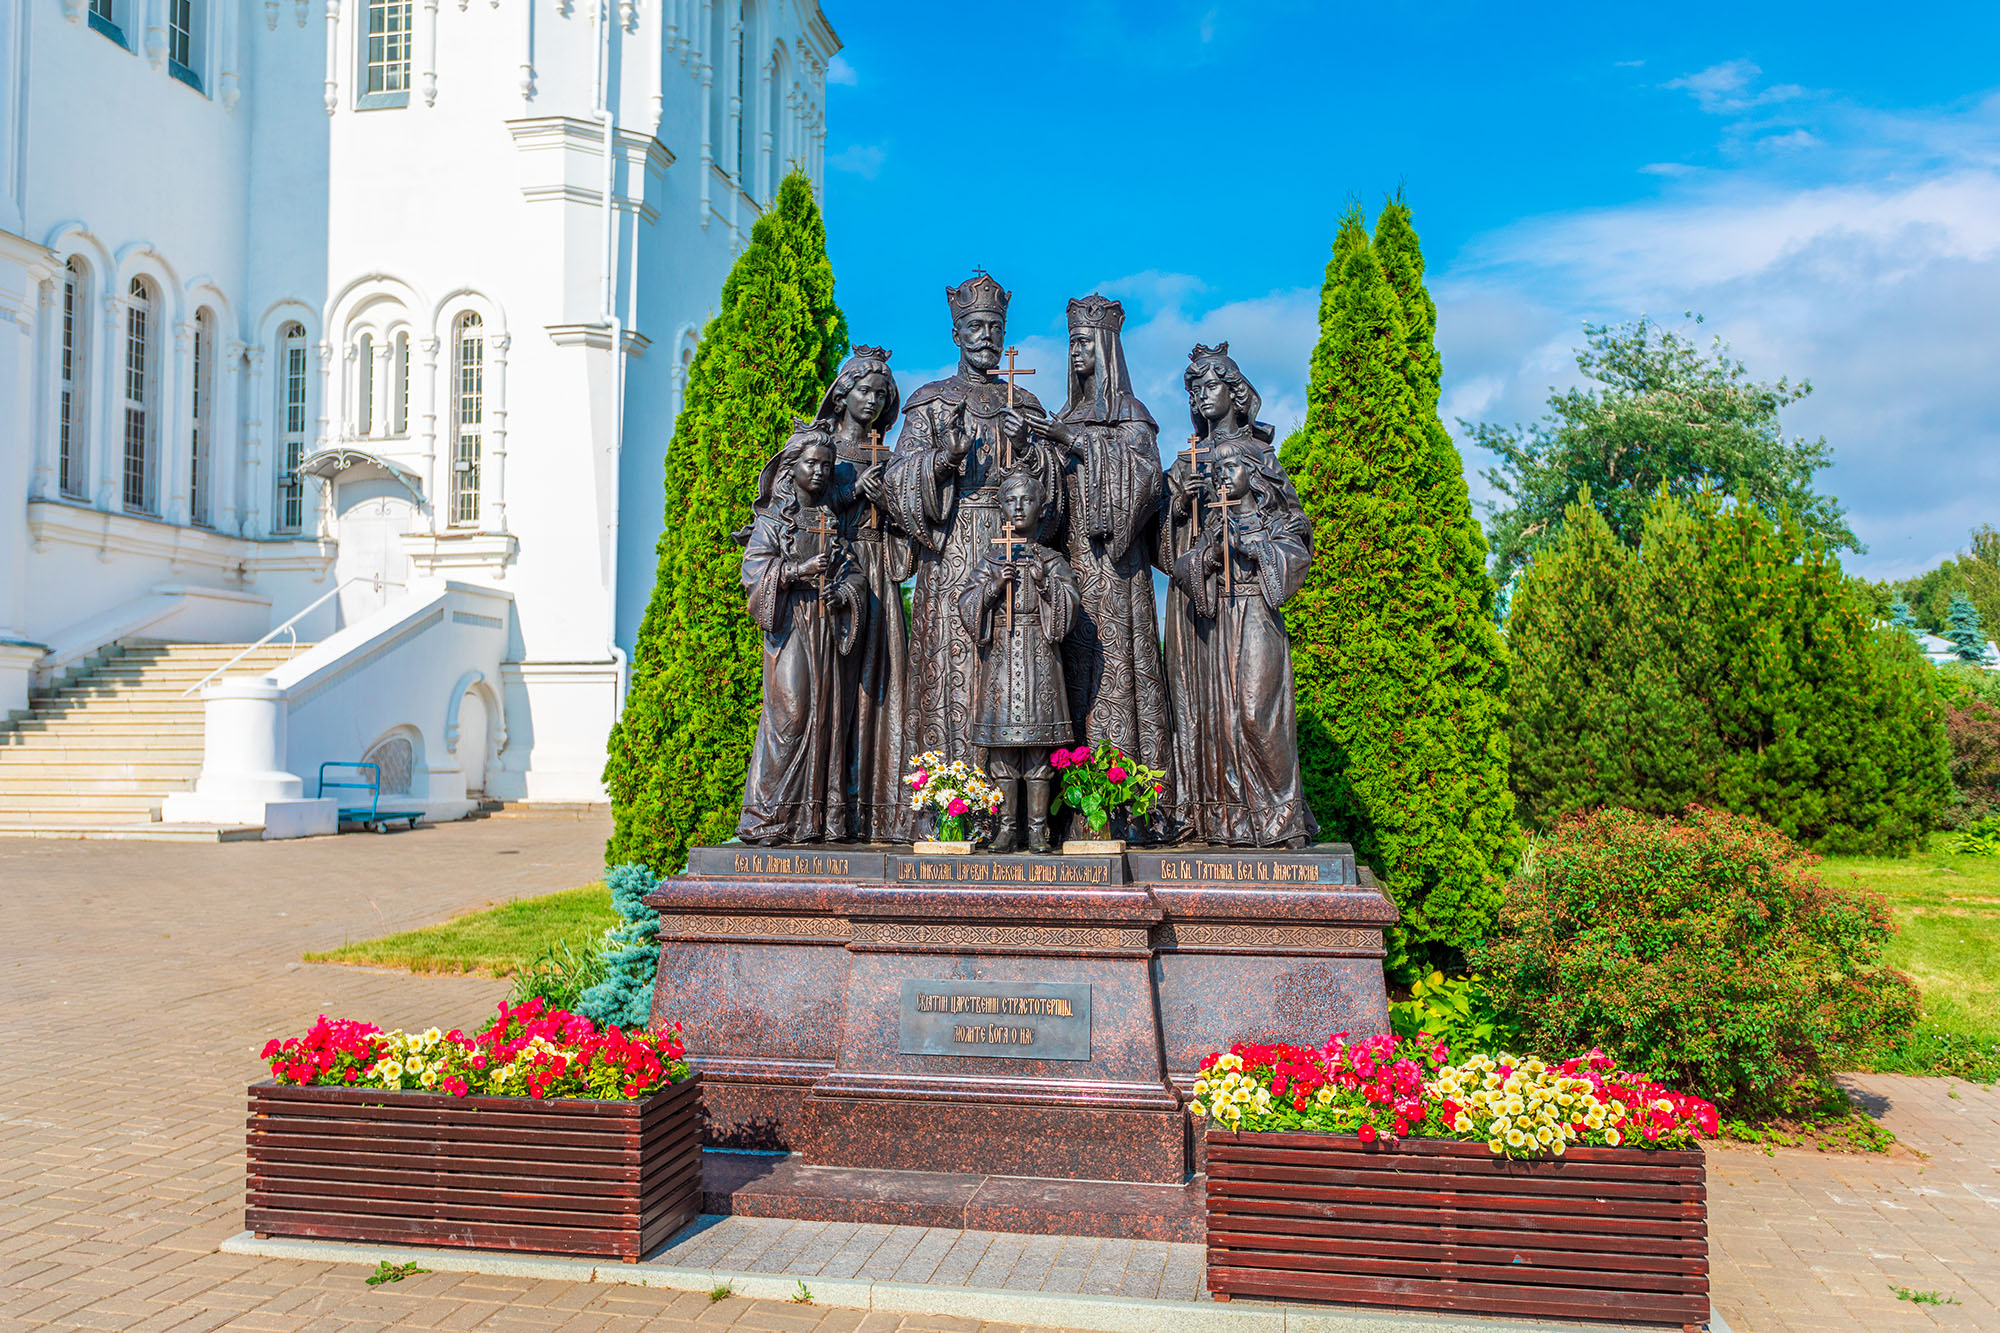 Заказать требы ко дню памяти Святых Царственных Страстотерпцев можно дистанционно 15 июля